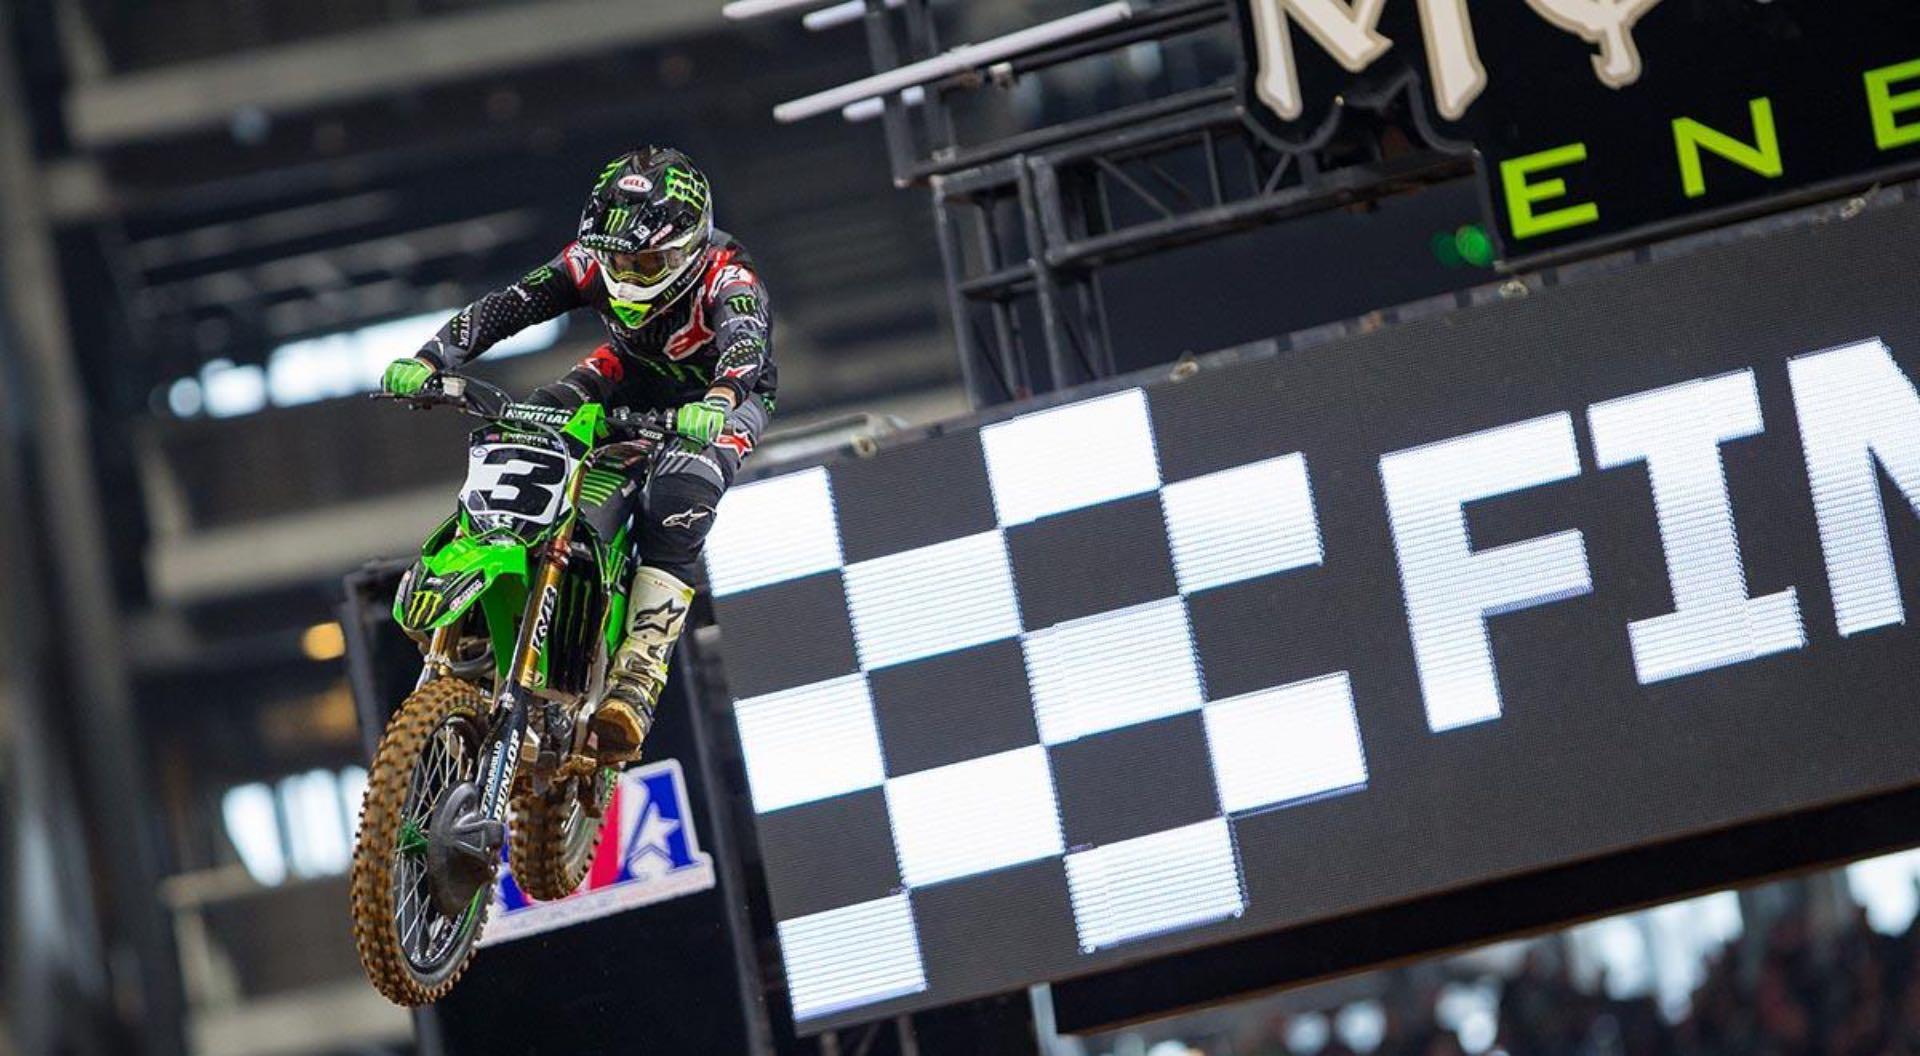 2018 Salt Lake City Supercross Preview Kawasaki Eli Tomac